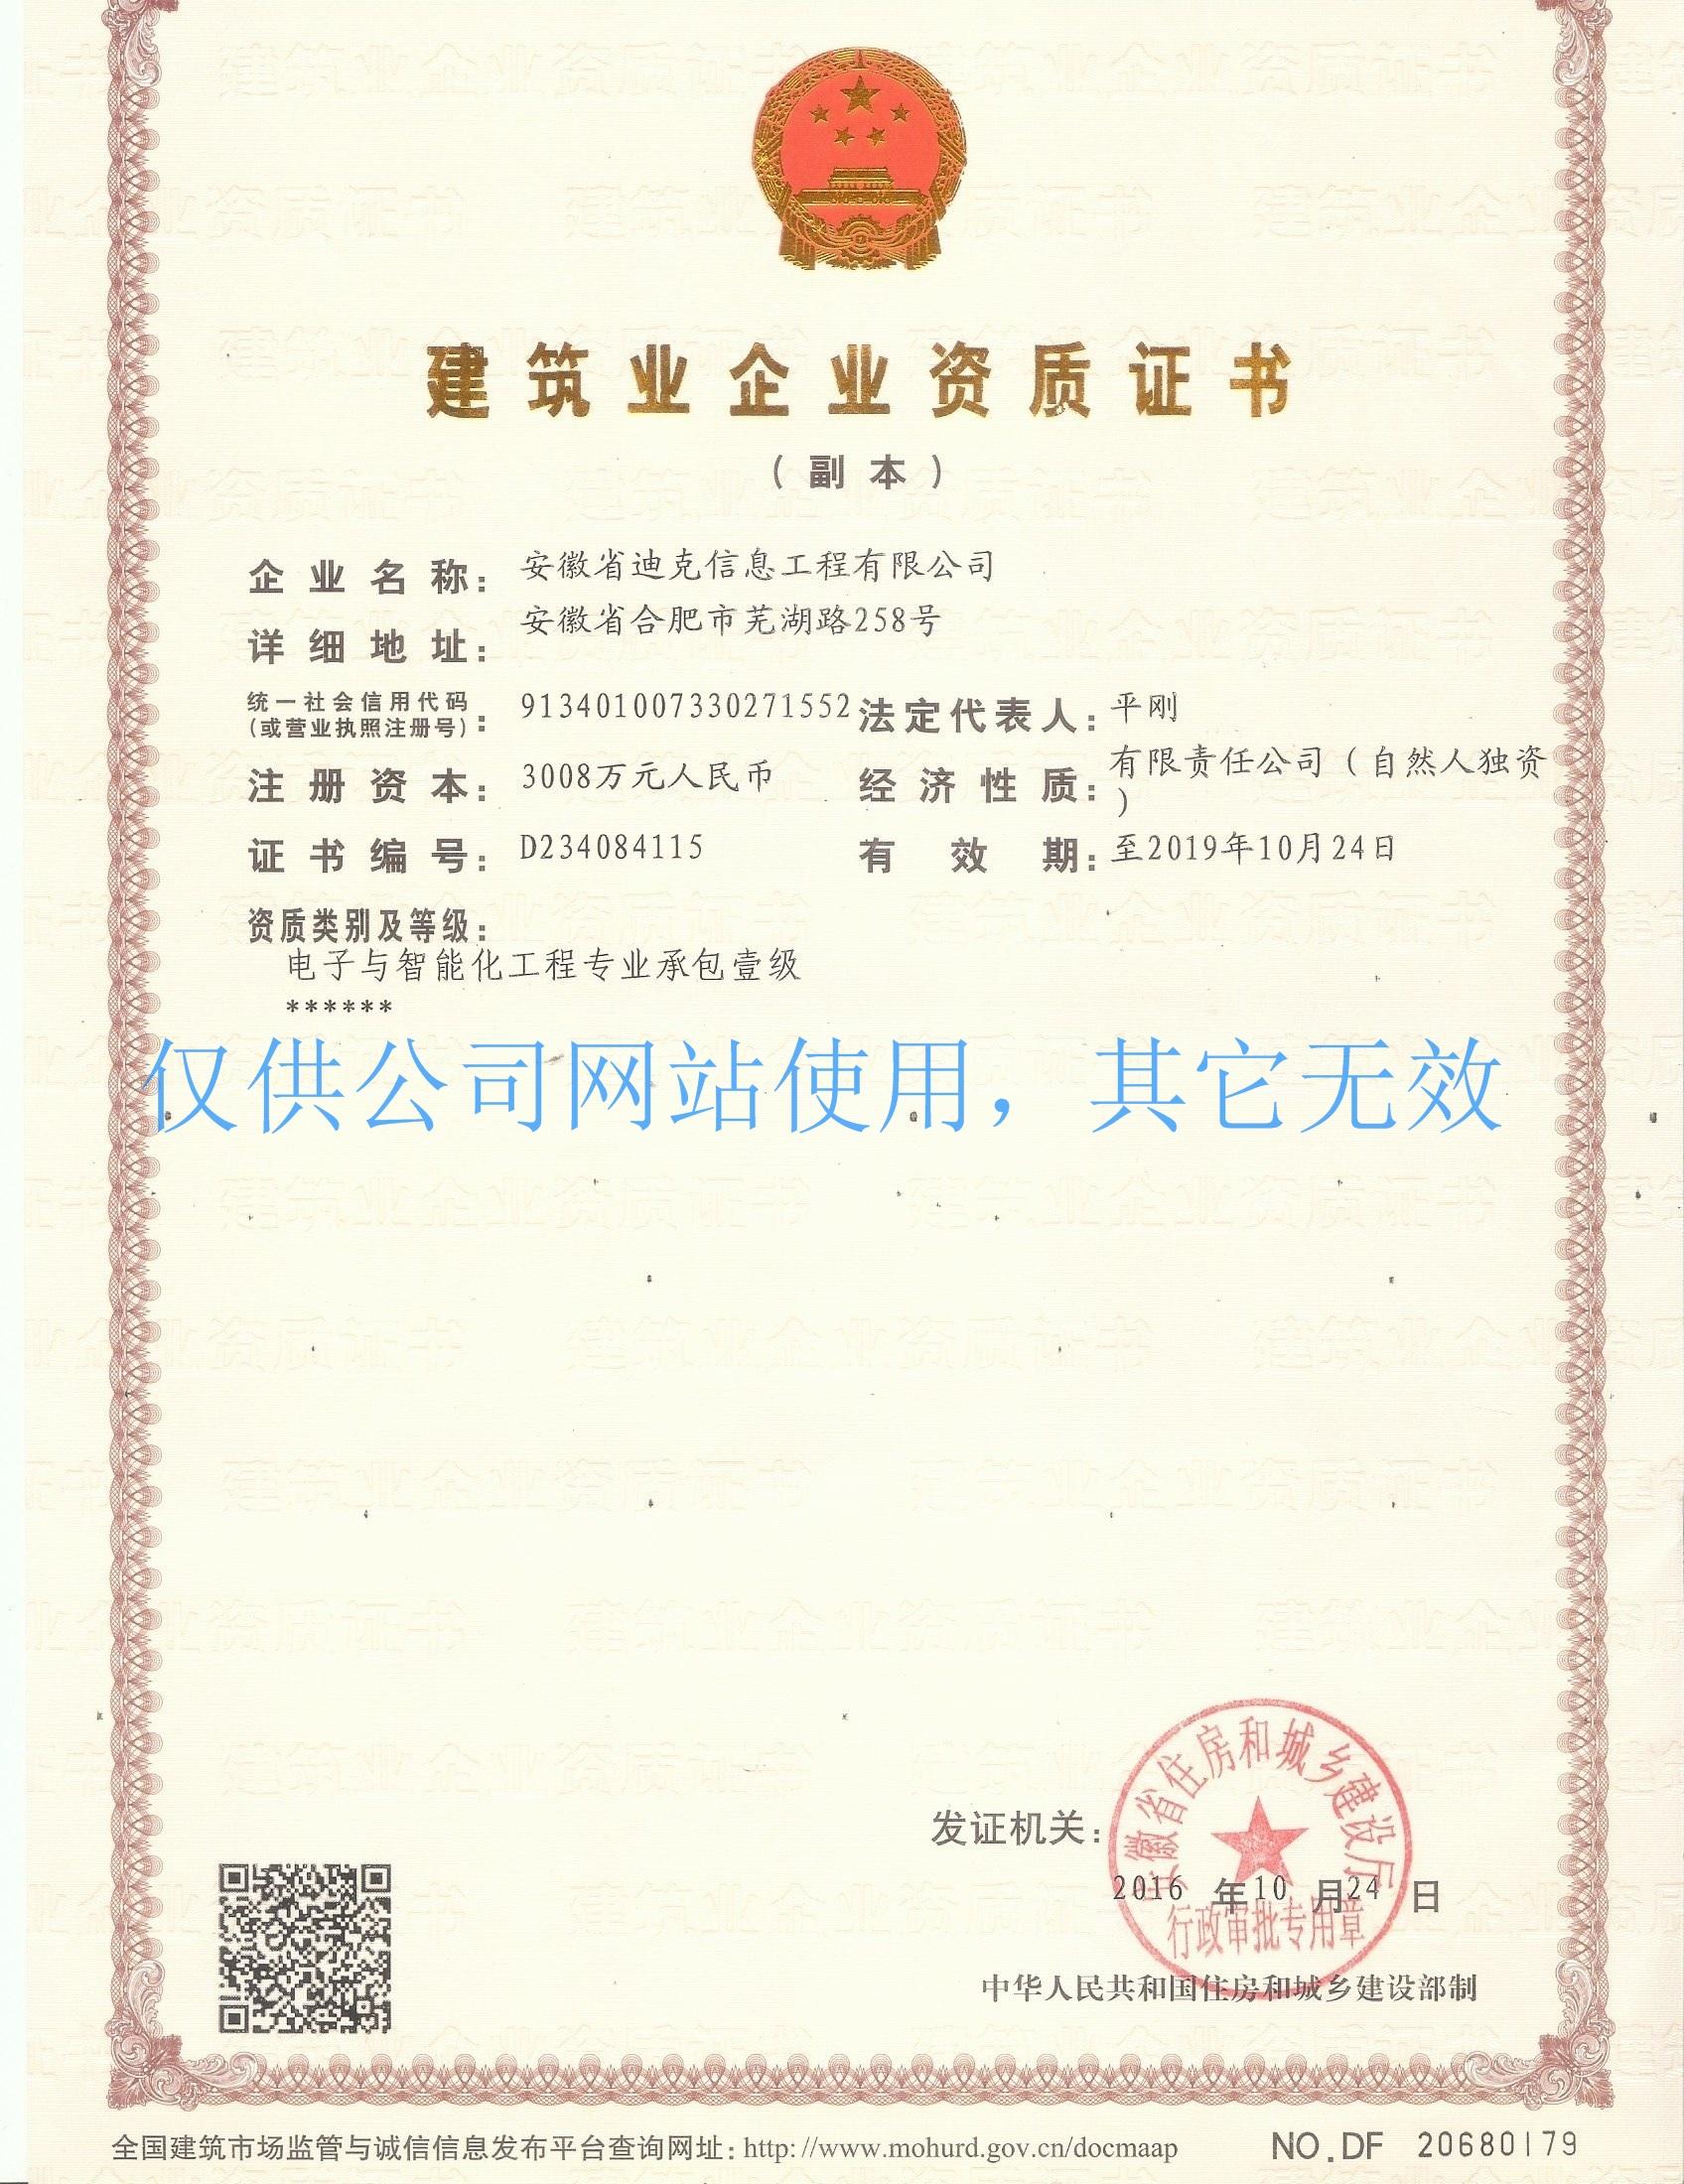 電子與智能化工程專業承包壹級資質證書